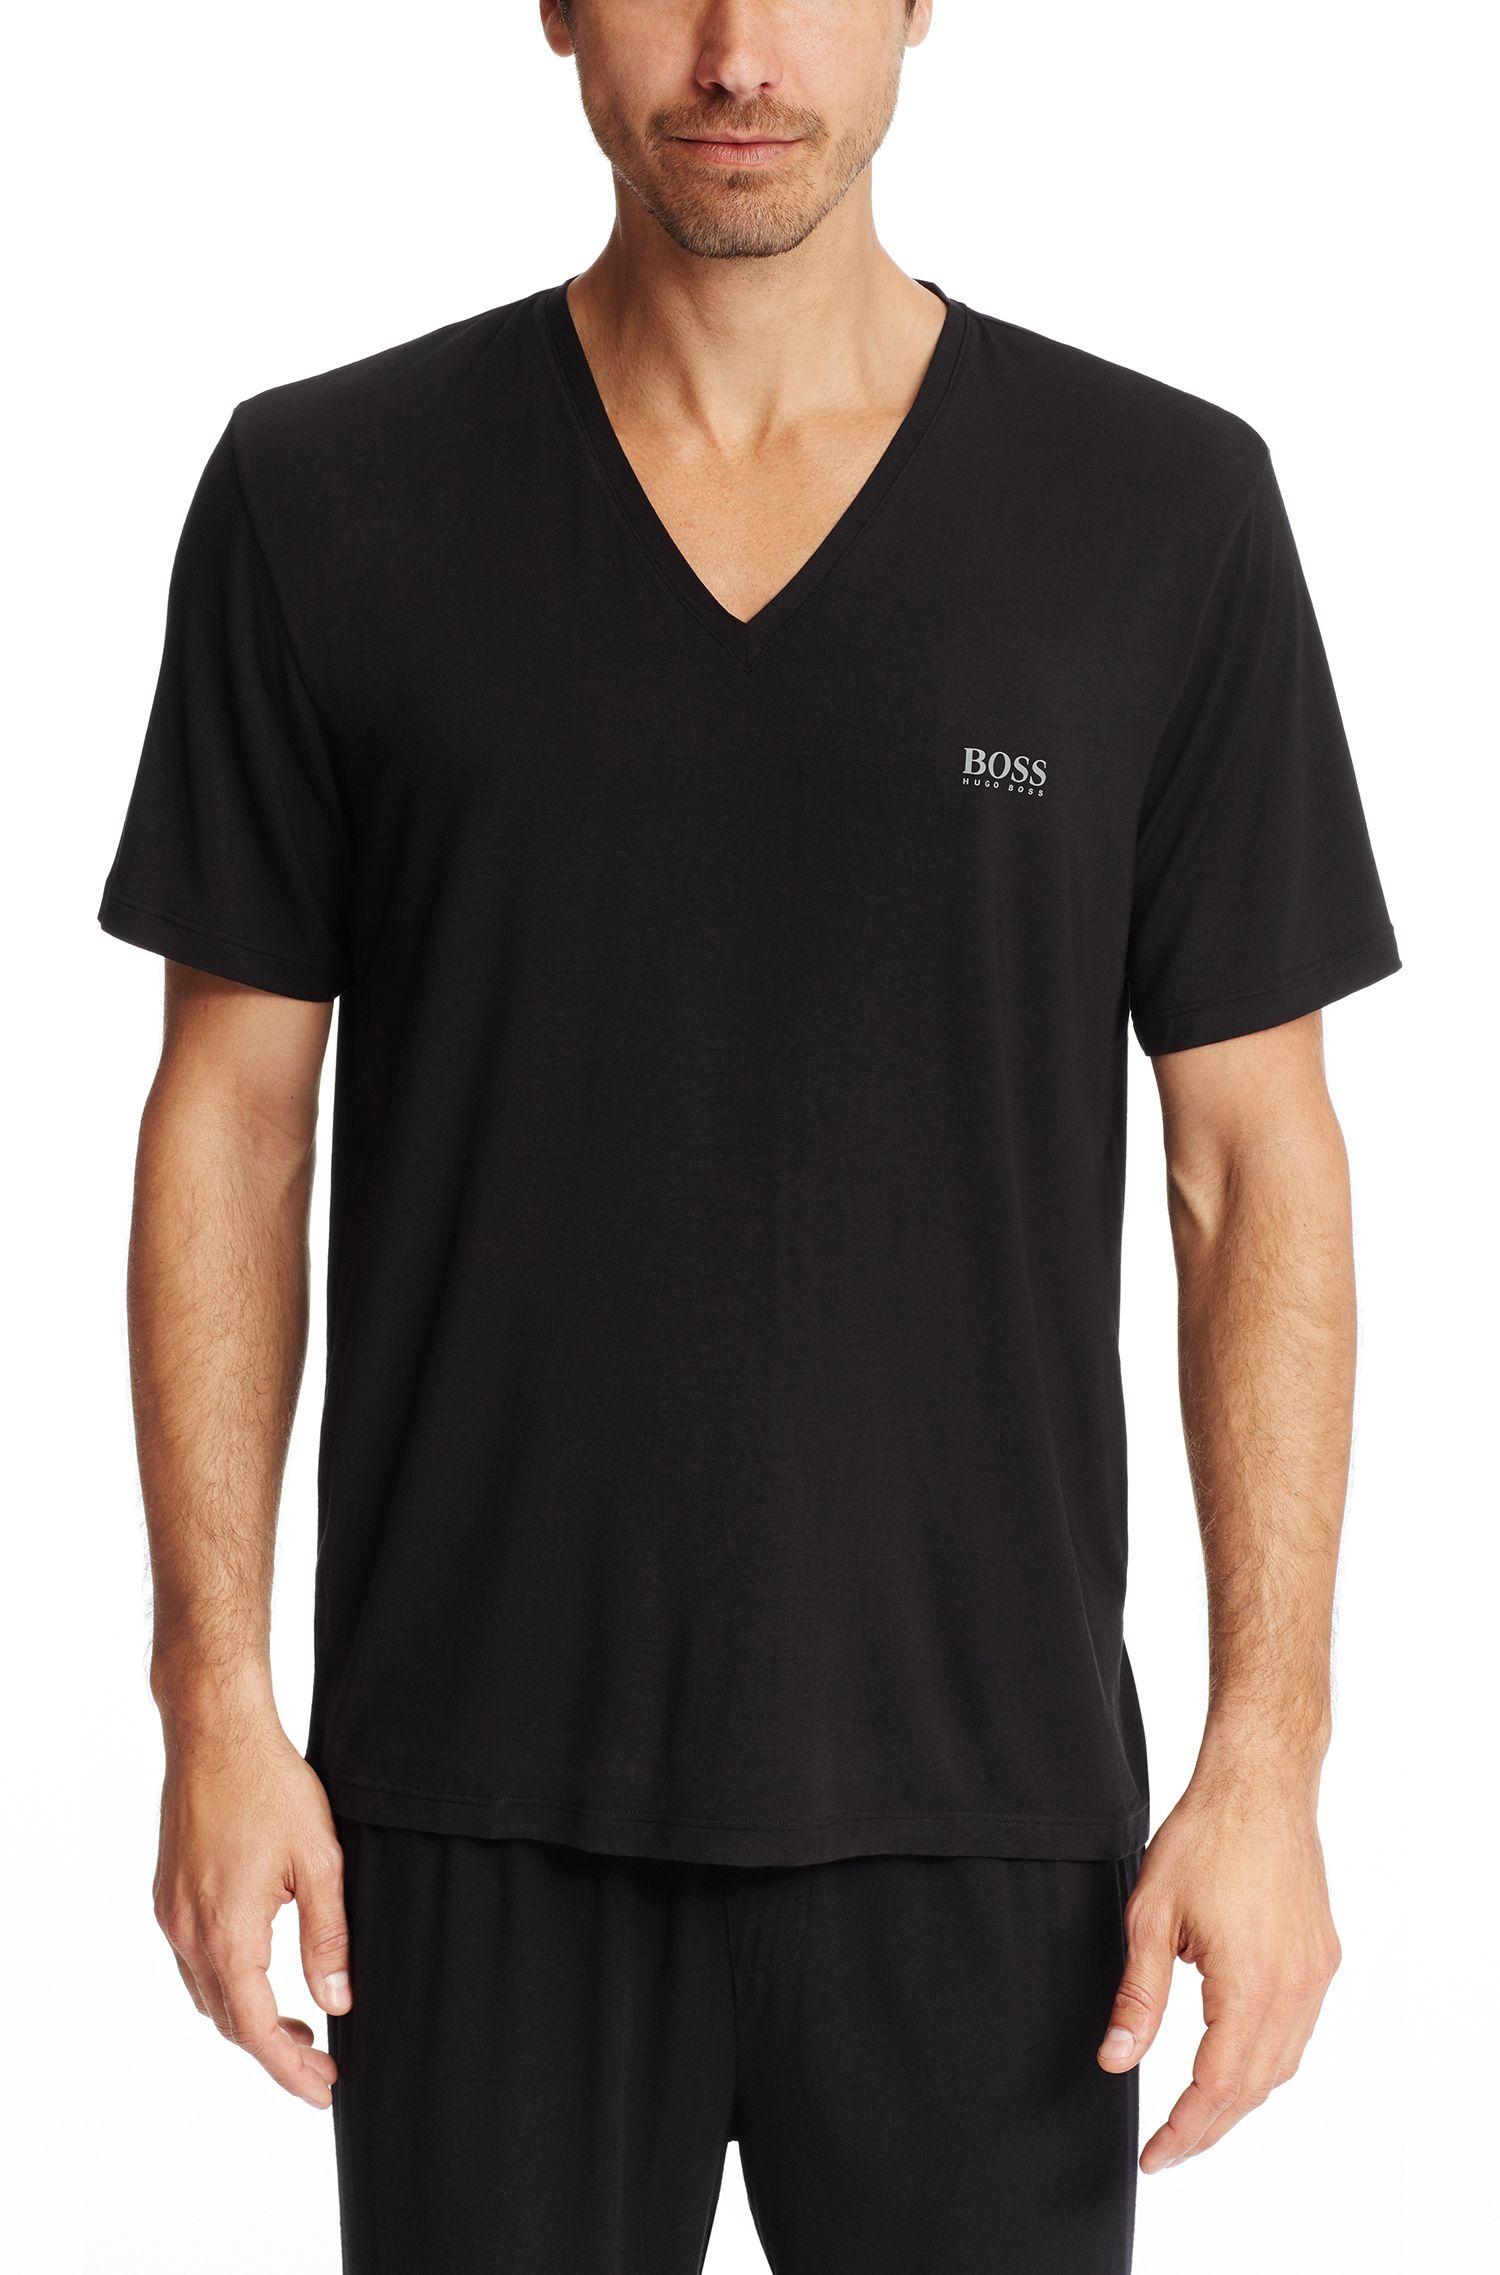 Stretch Modal V-Neck T-Shirt | Shirt VN SS, Black